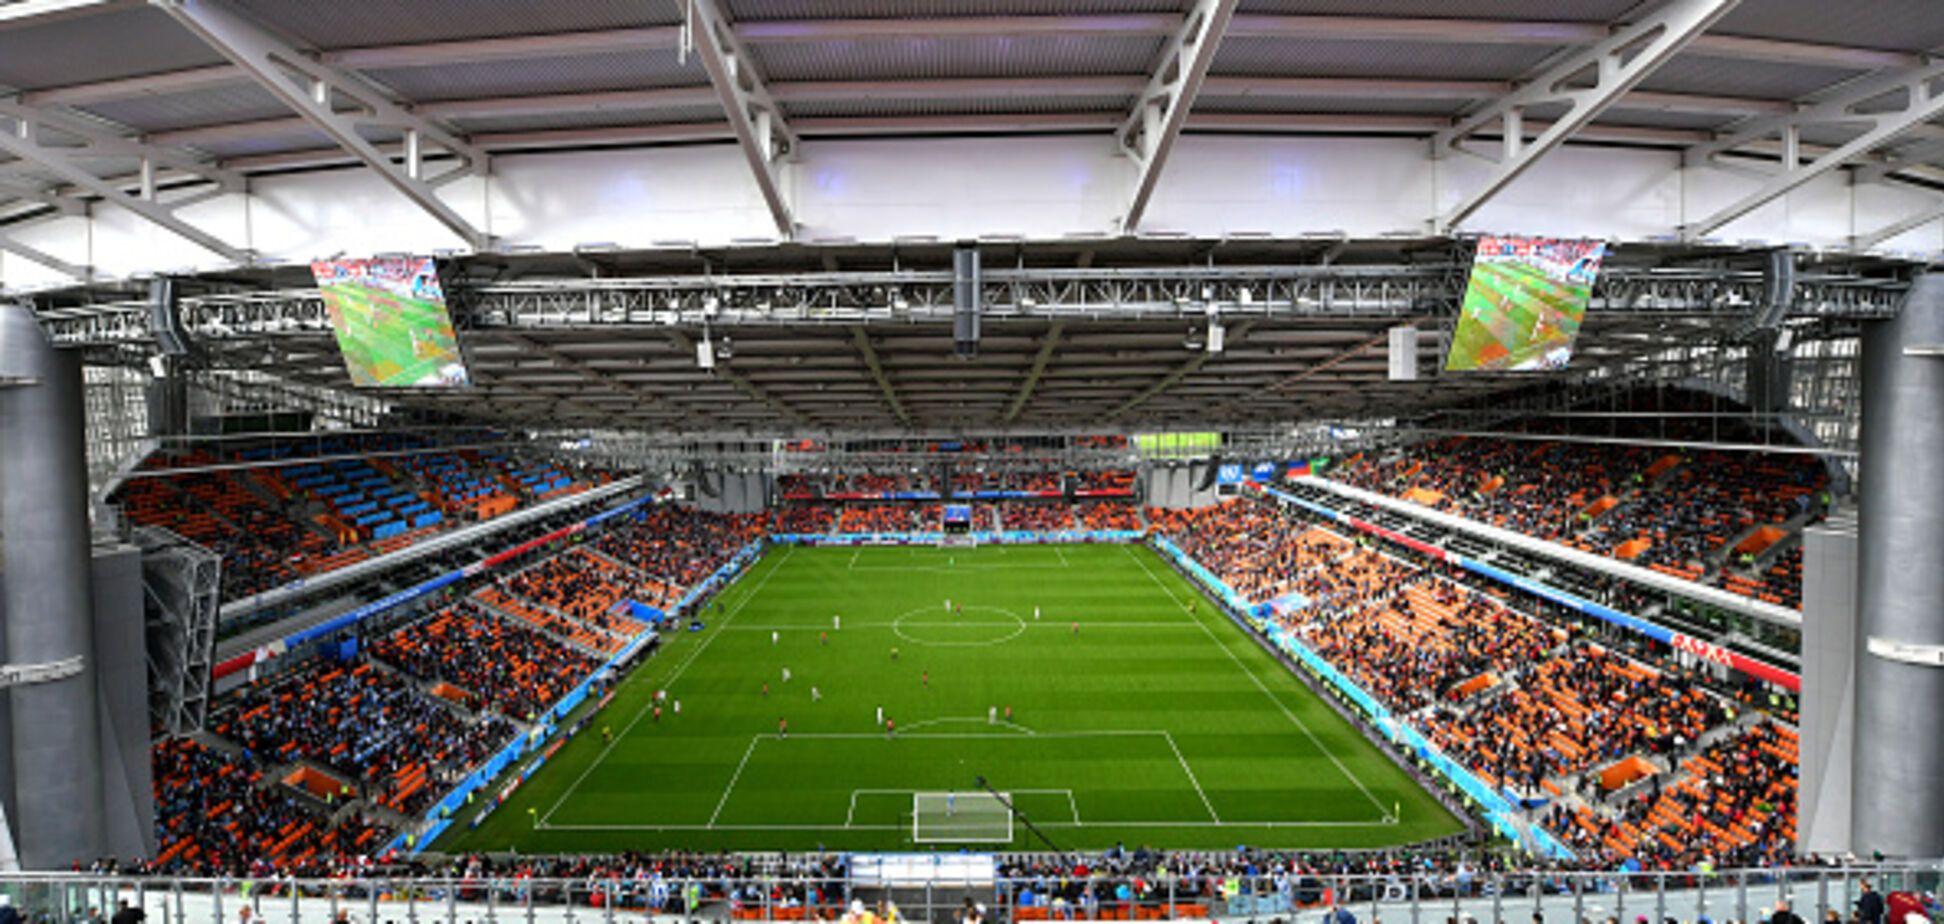 Ганьба на матчі Єгипет - Уругвай: з'явилося безглузде пояснення